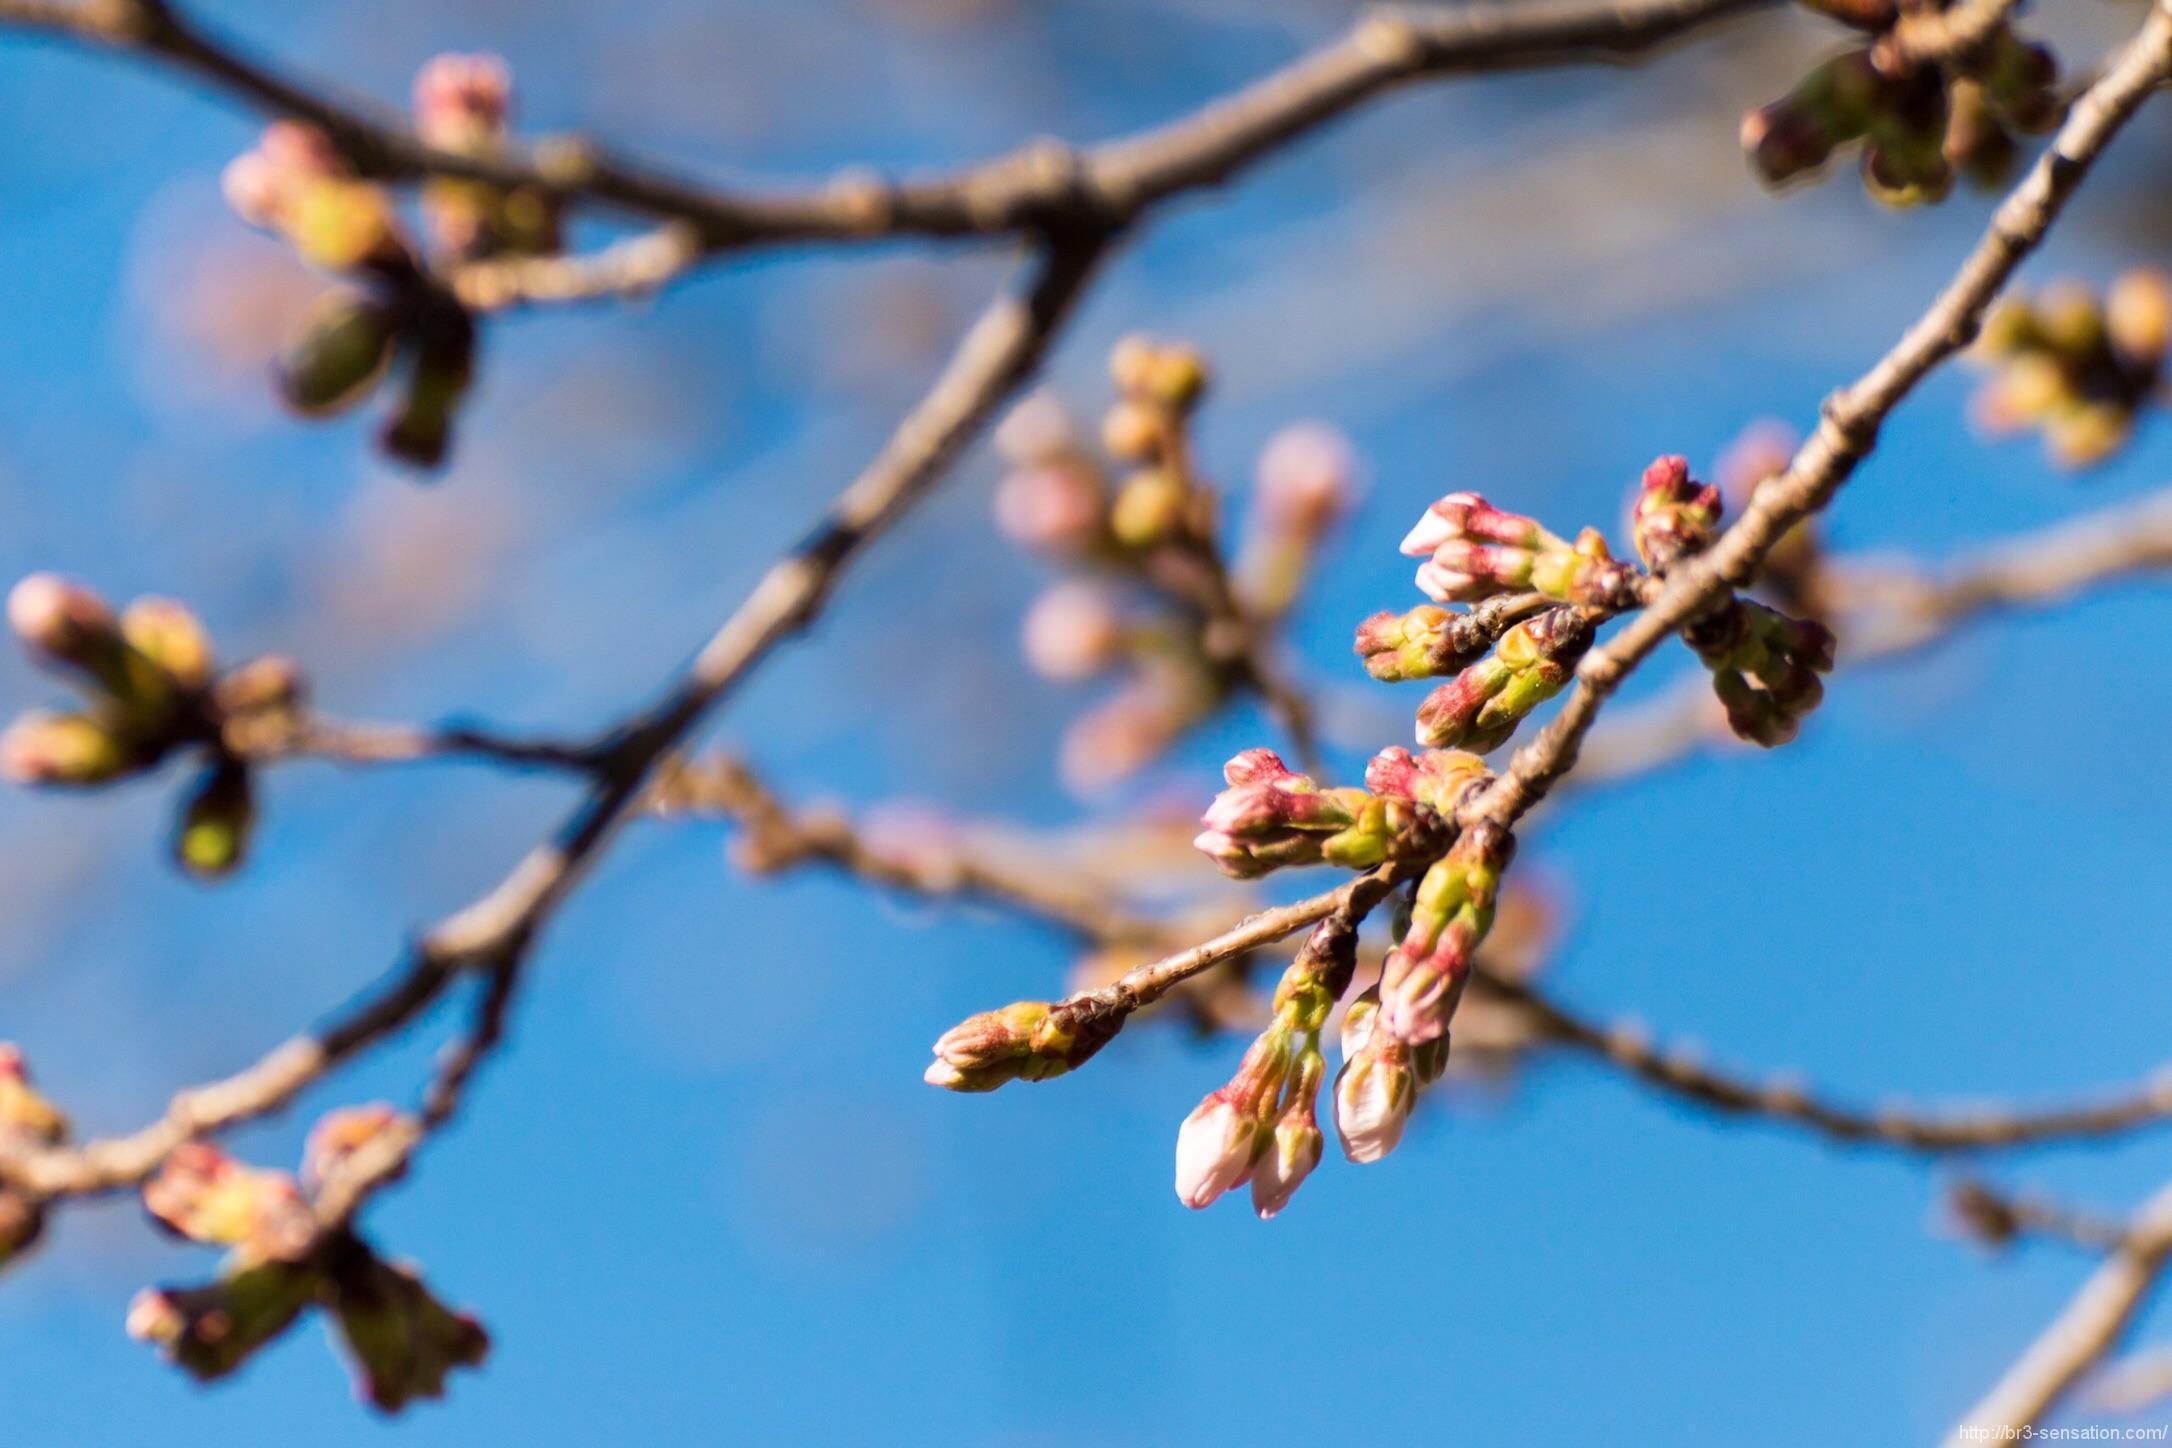 春 Coming Soon!